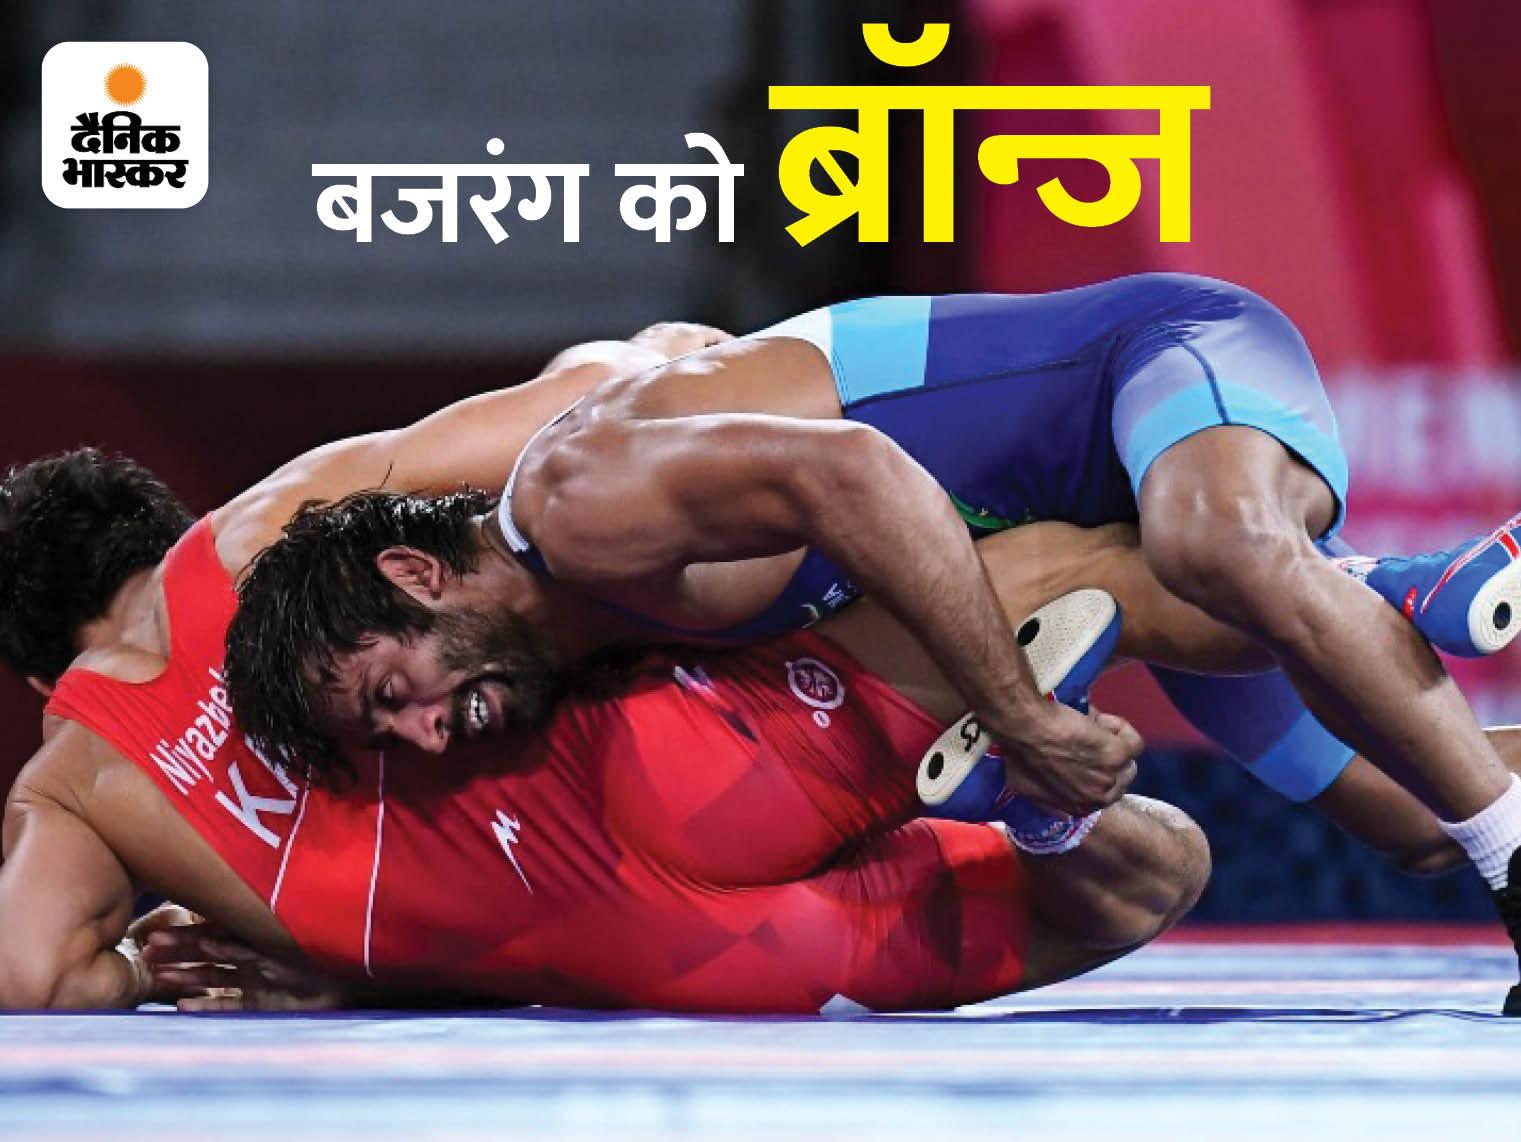 बजरंग ने कजाकिस्तान के पहलवान को 8-0 से हराकर ब्रॉन्ज मेडल जीता; भारत को छठा मेडल दिलाया|टोक्यो ओलिंपिक,Tokyo Olympics - Dainik Bhaskar